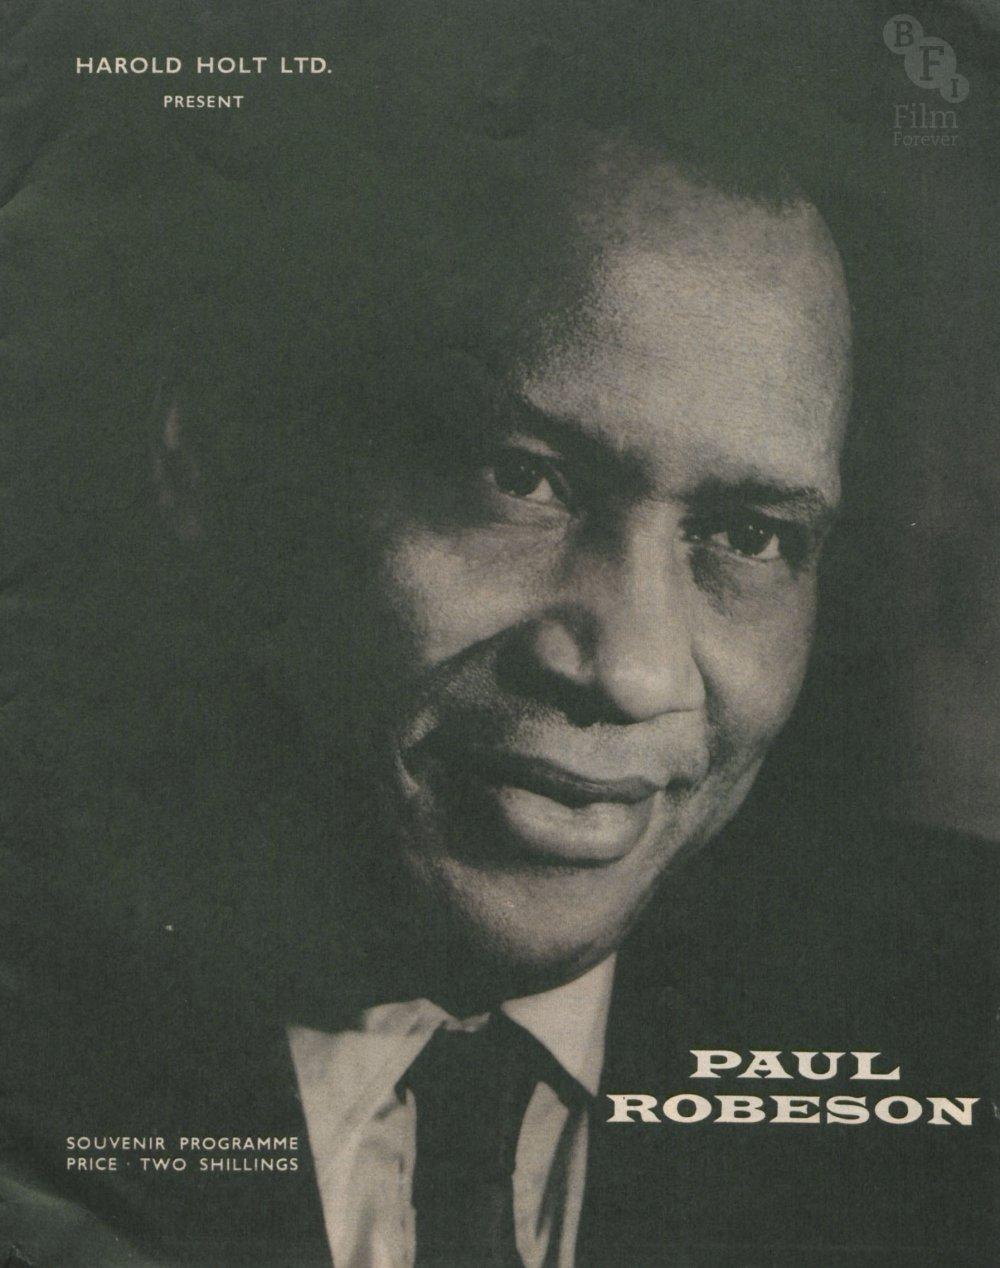 Souvenir brochure for a Paul Robeson concert tour, c.1958